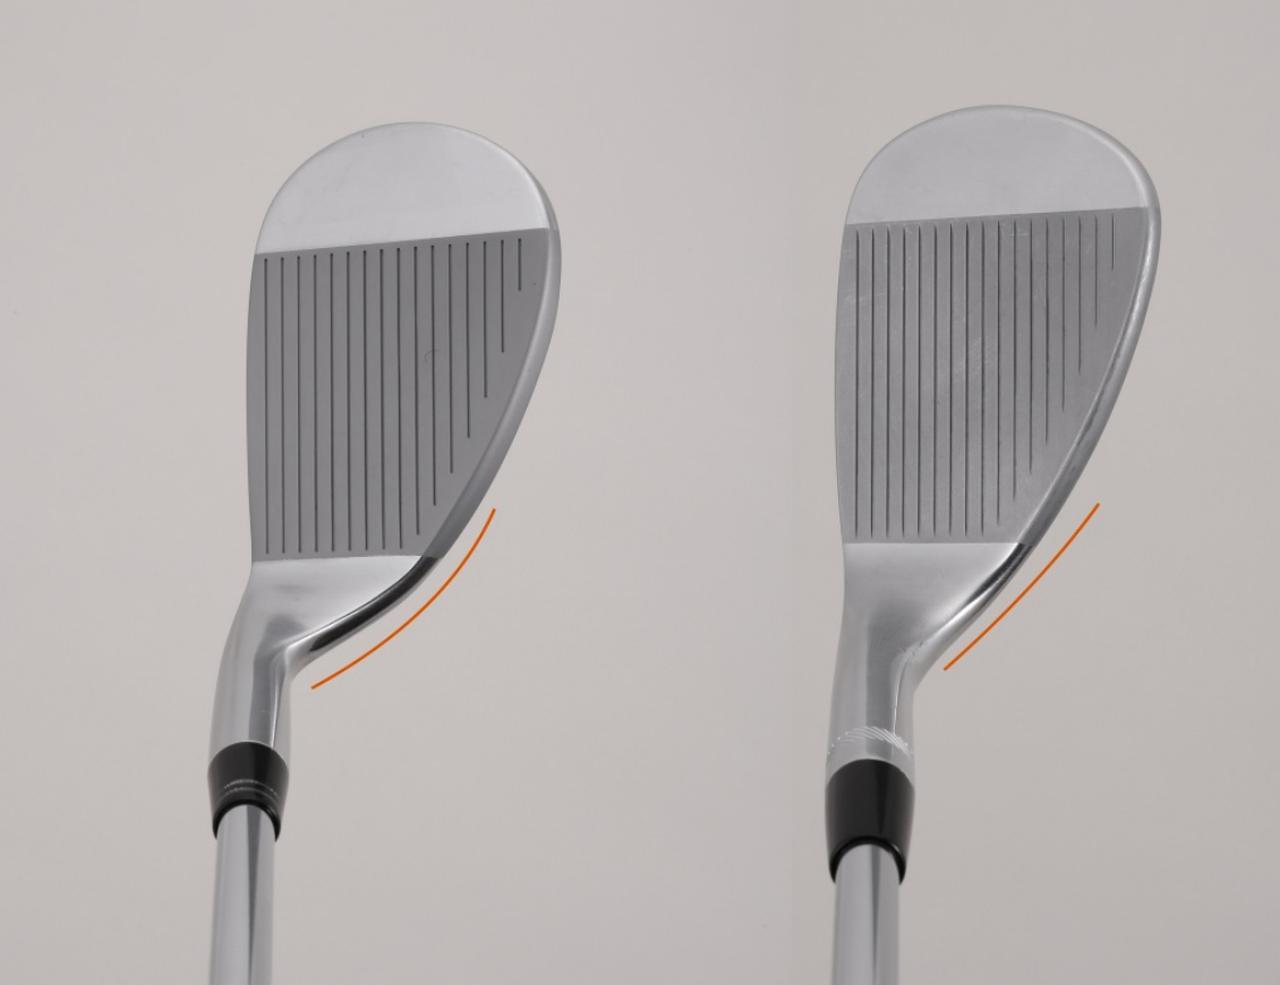 画像: 左がシャフトの中心軸よりリーディングエッジが引っ込んでいる(F.P.が小さい、あるいはマイナスの)グースネック。右が中心軸よりリーディングエッジが出っ張っている(F.P.の値が大きい)出っ歯ウェッジ